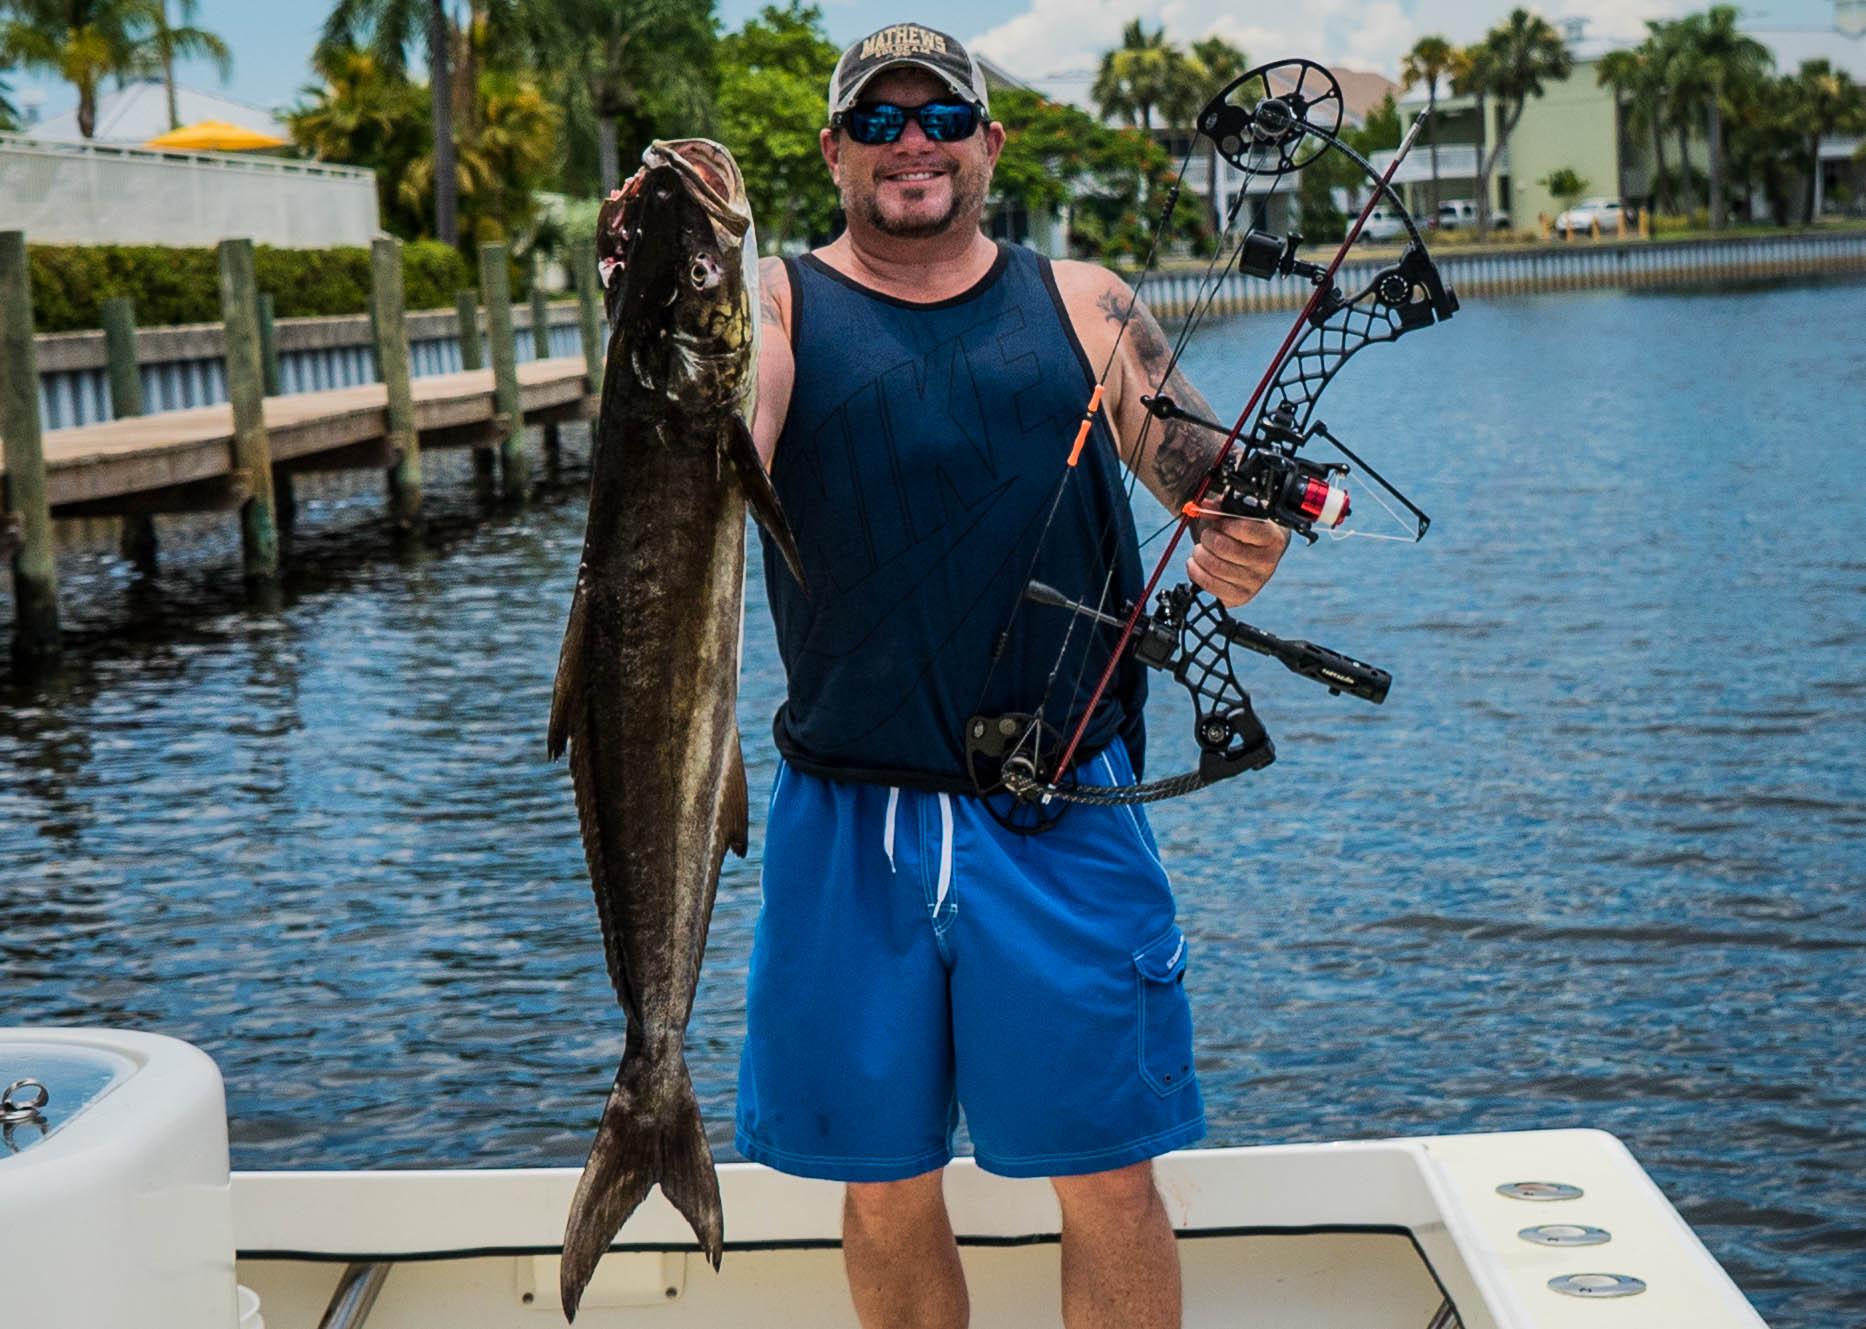 ATTO-S09-Florida-Jon-Cobia_005